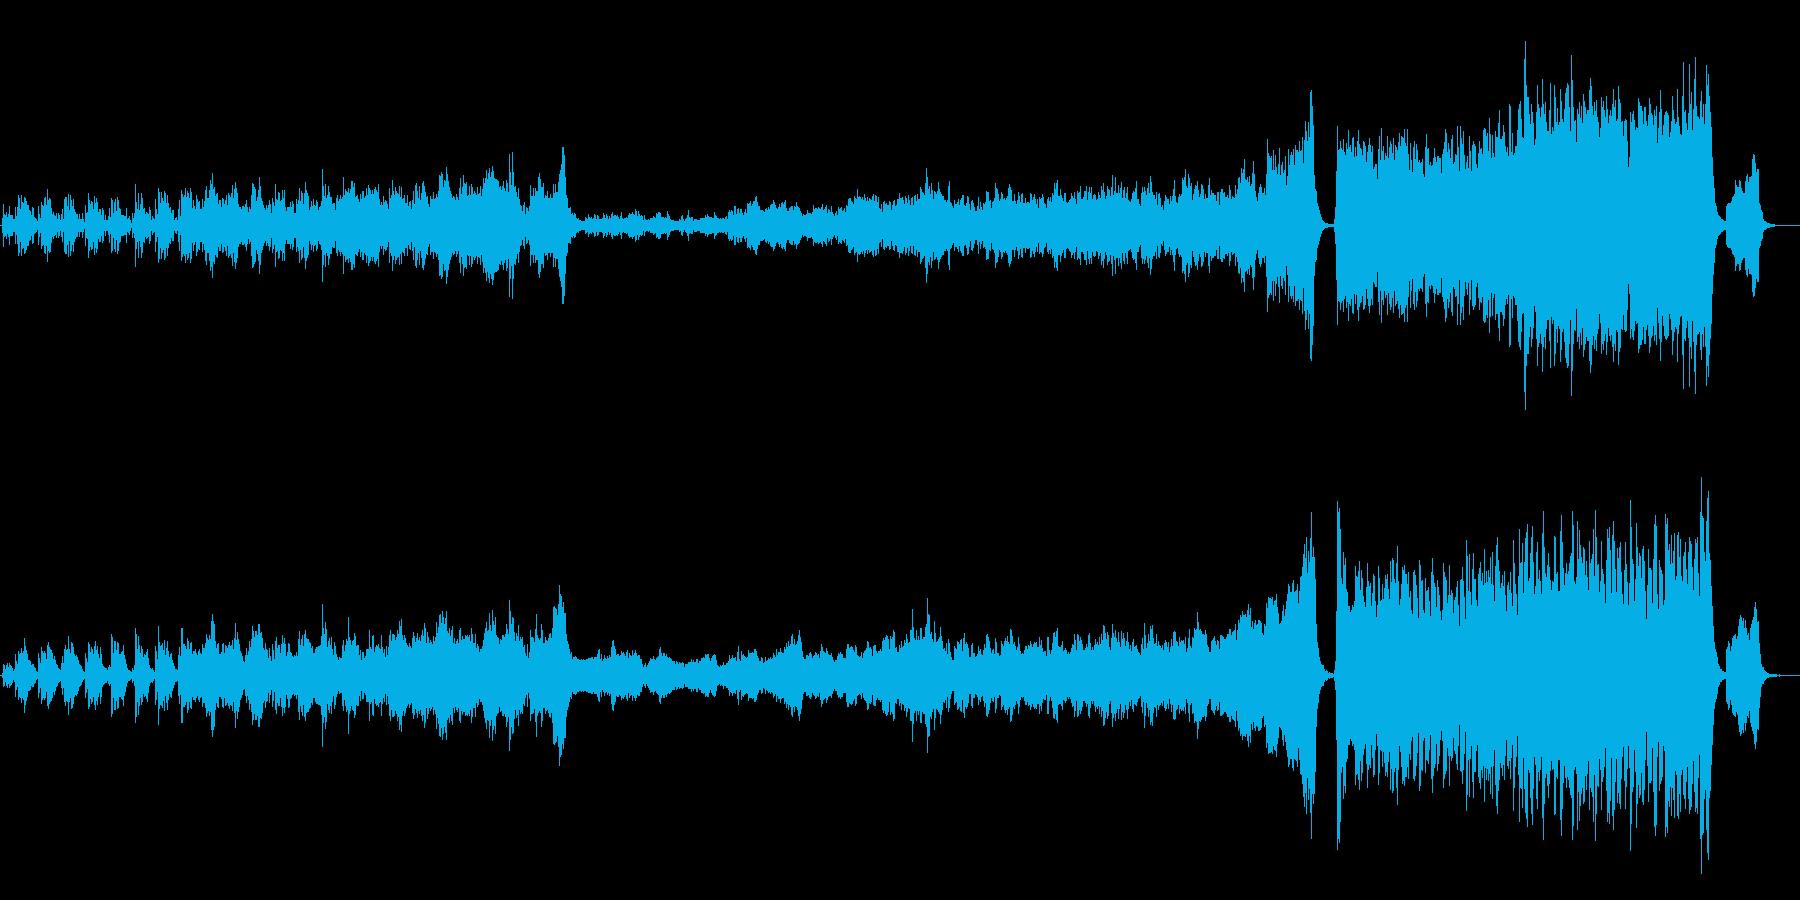 夜空 流星をイメージしたオーケストラの再生済みの波形